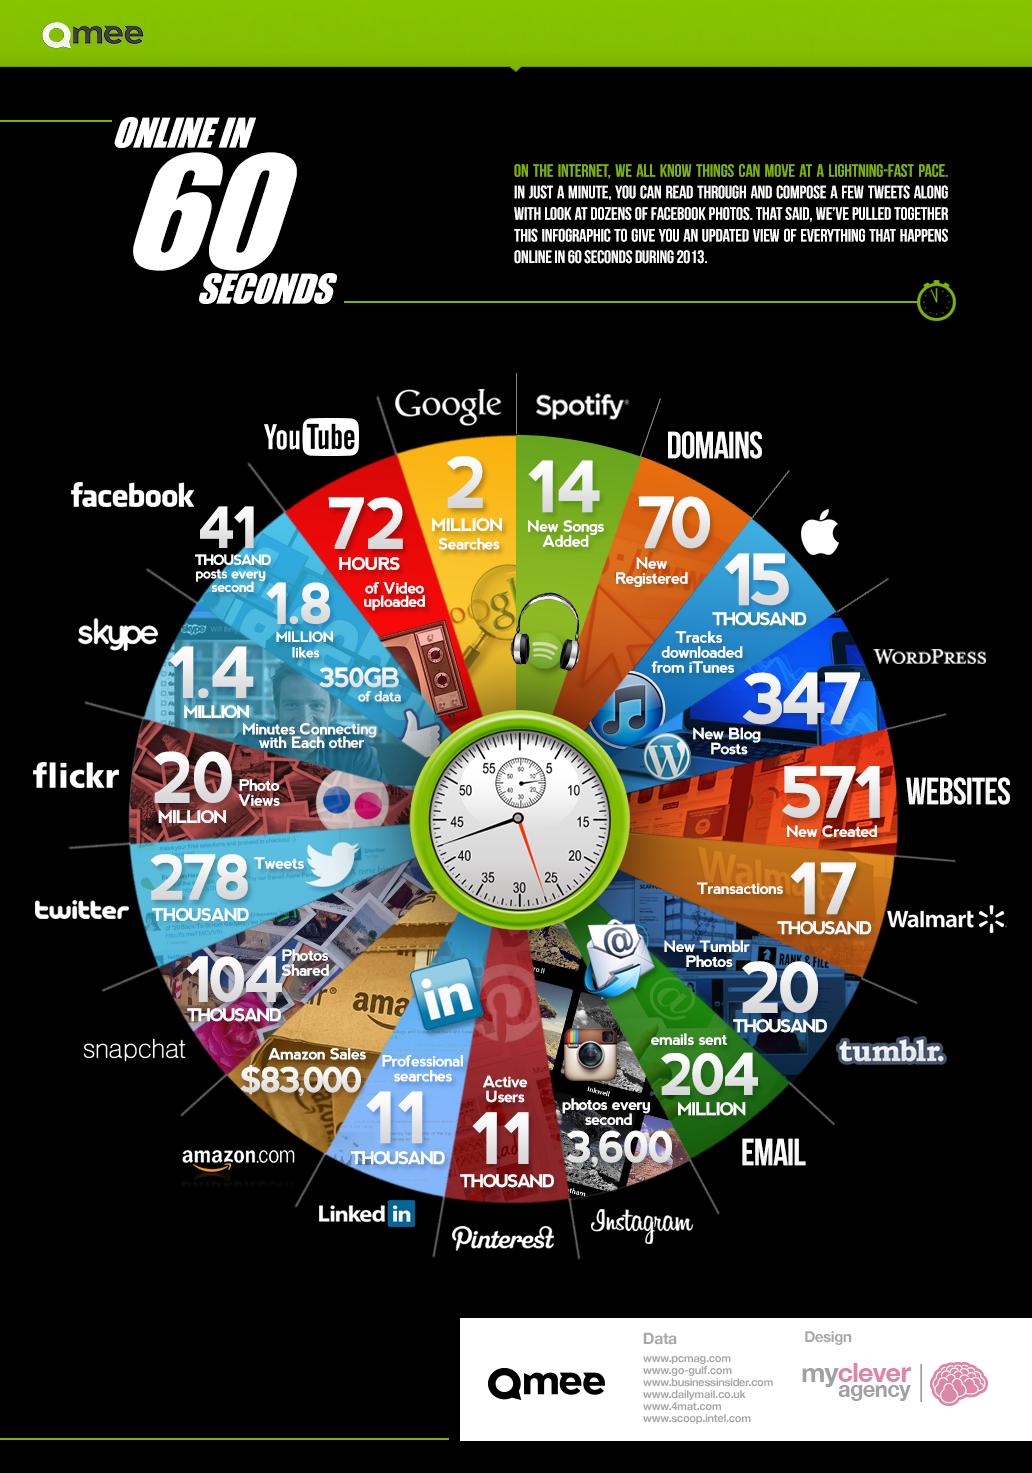 online in 60 seconds